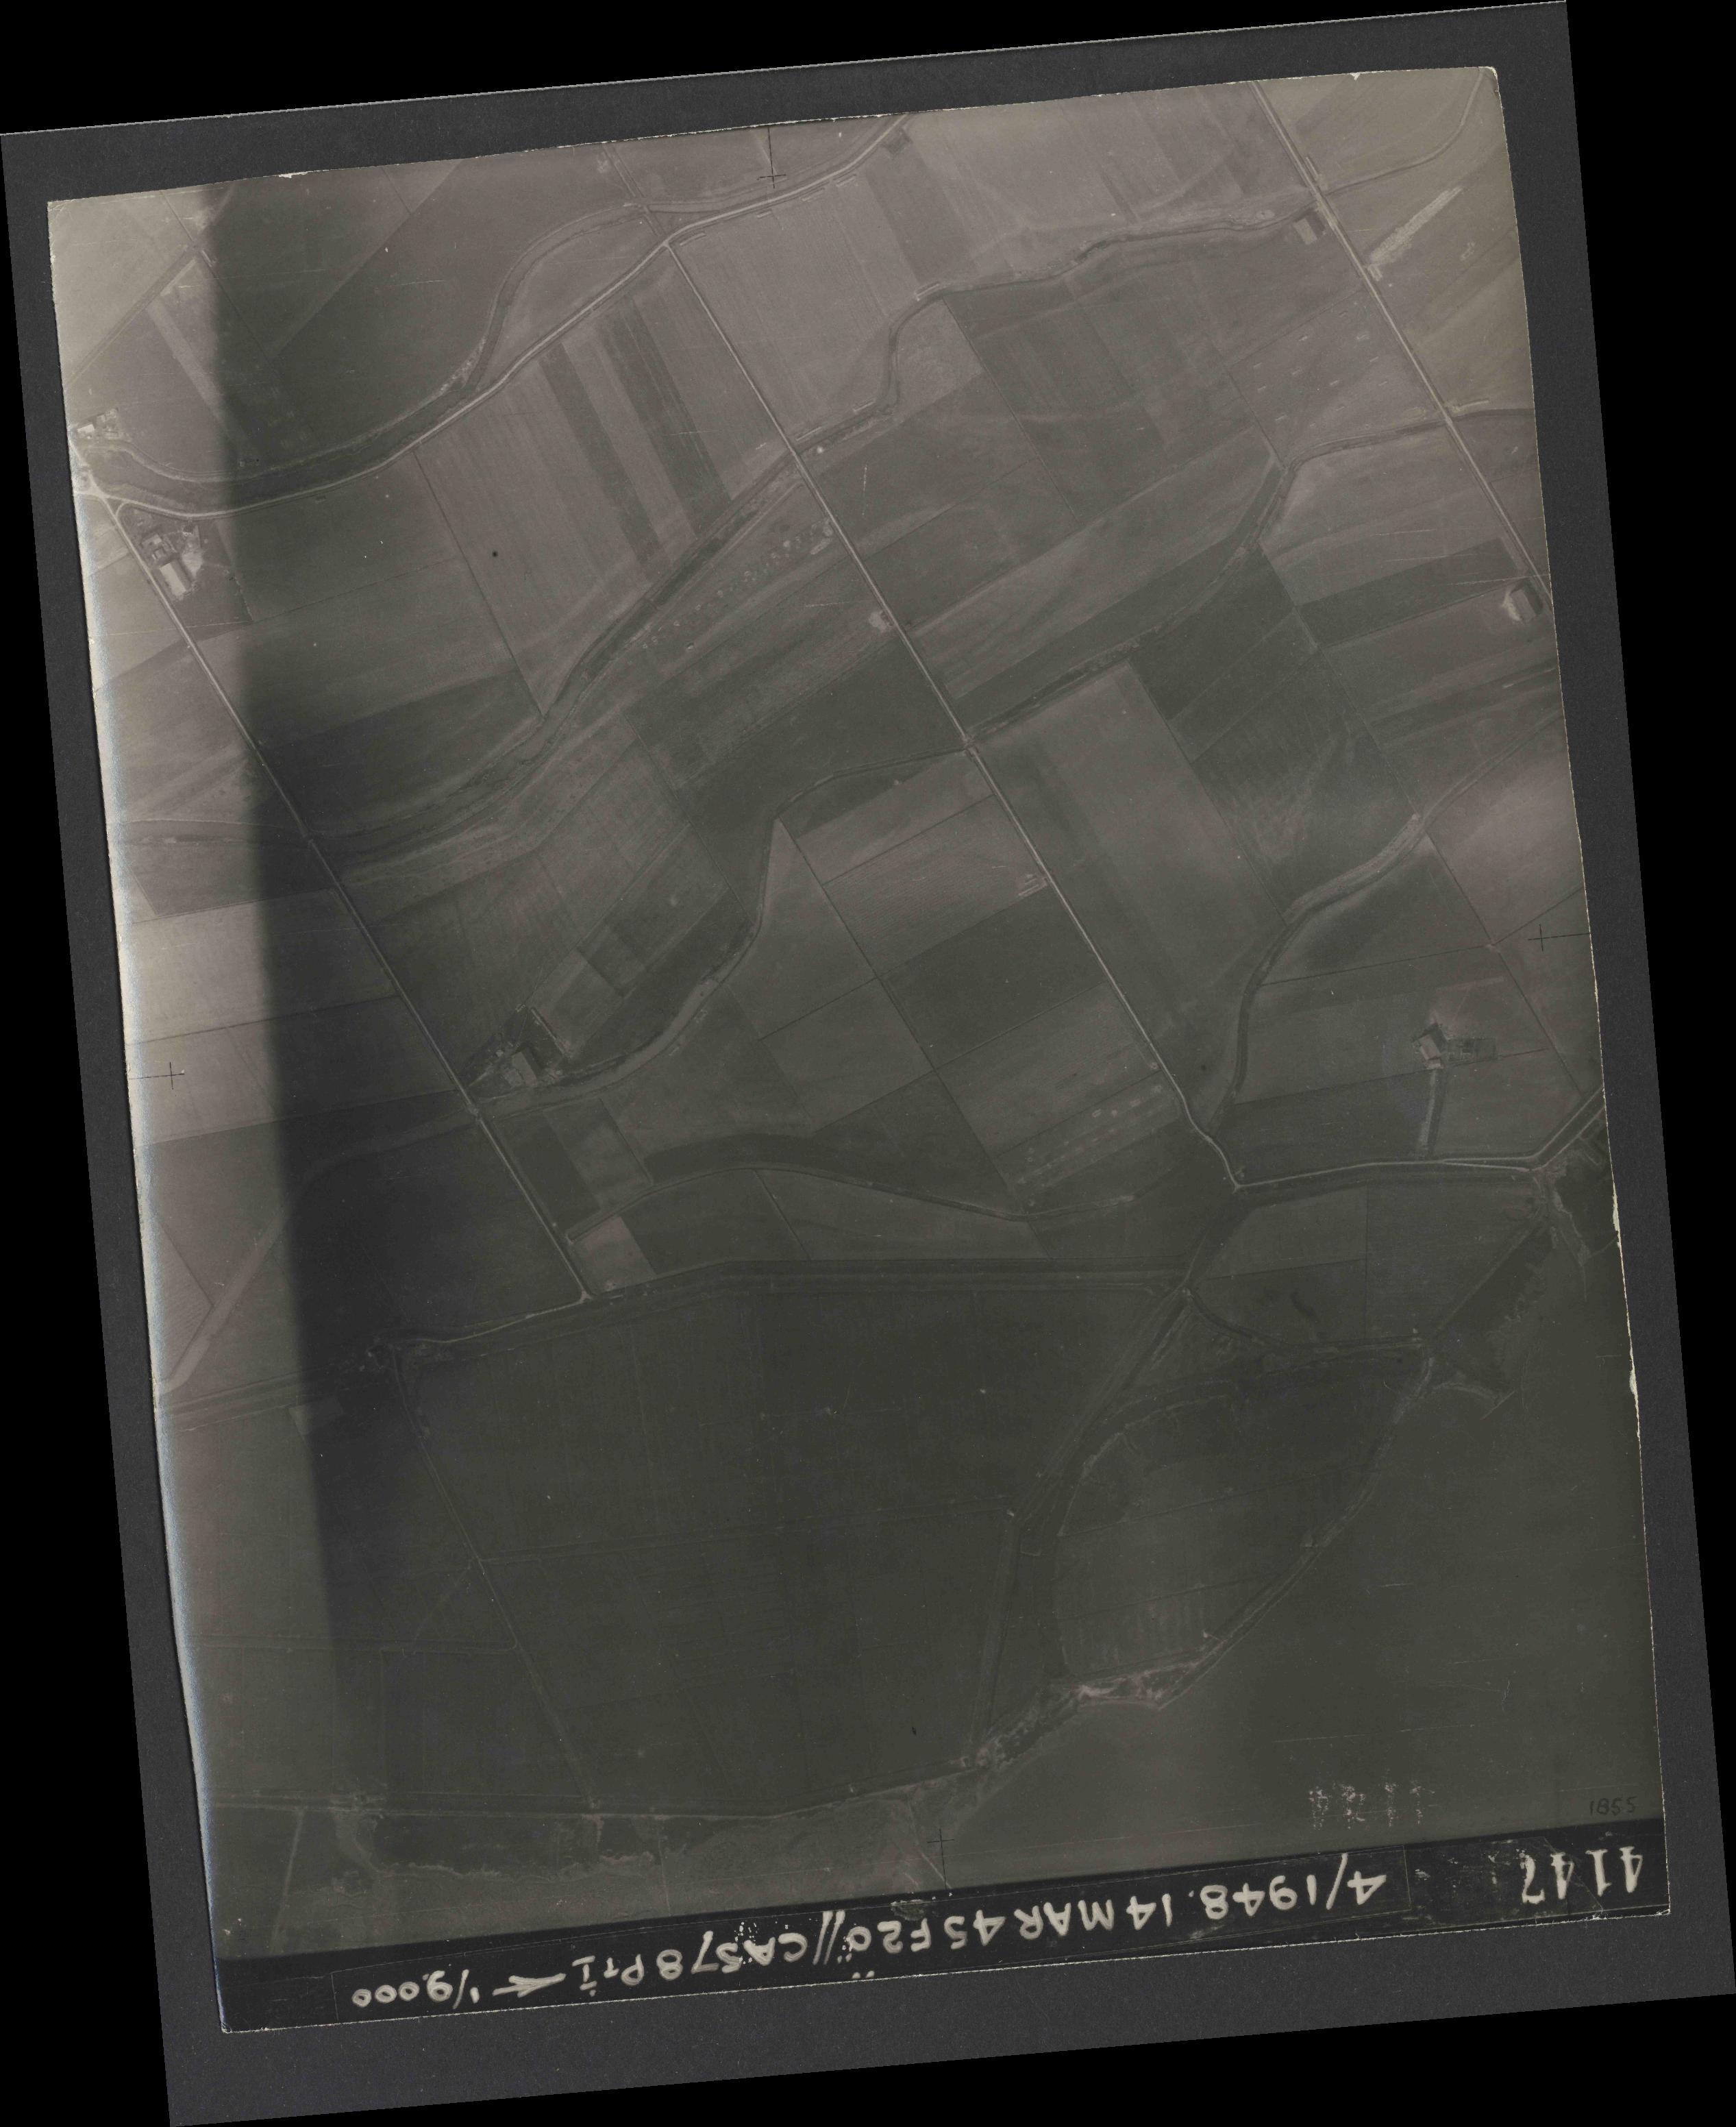 Collection RAF aerial photos 1940-1945 - flight 095, run 04, photo 4147